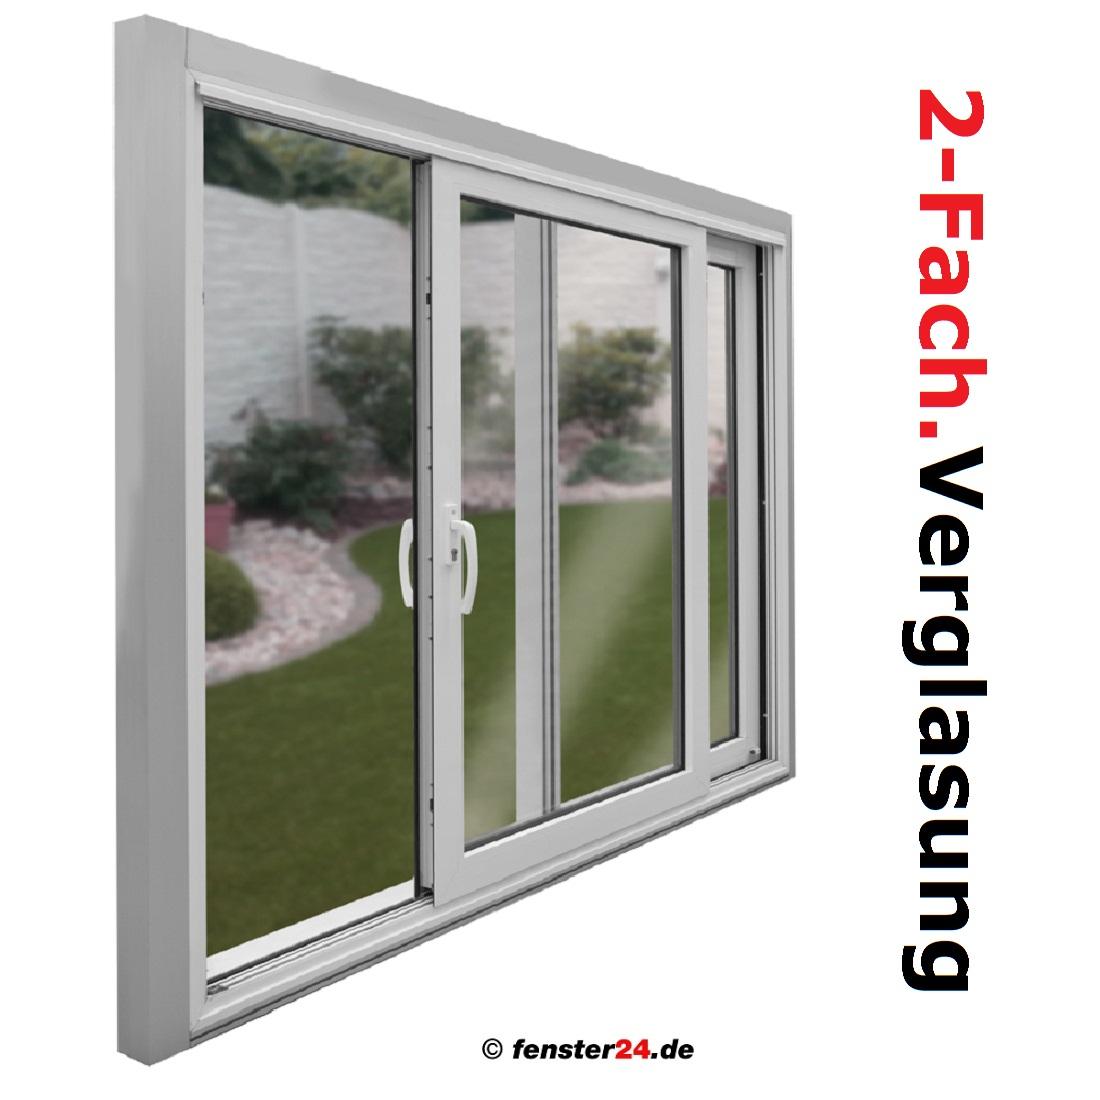 Kunststoff hebe schiebet r breite 5300mm x w hlbare h he for Fenster 2fach oder 3fach verglasung